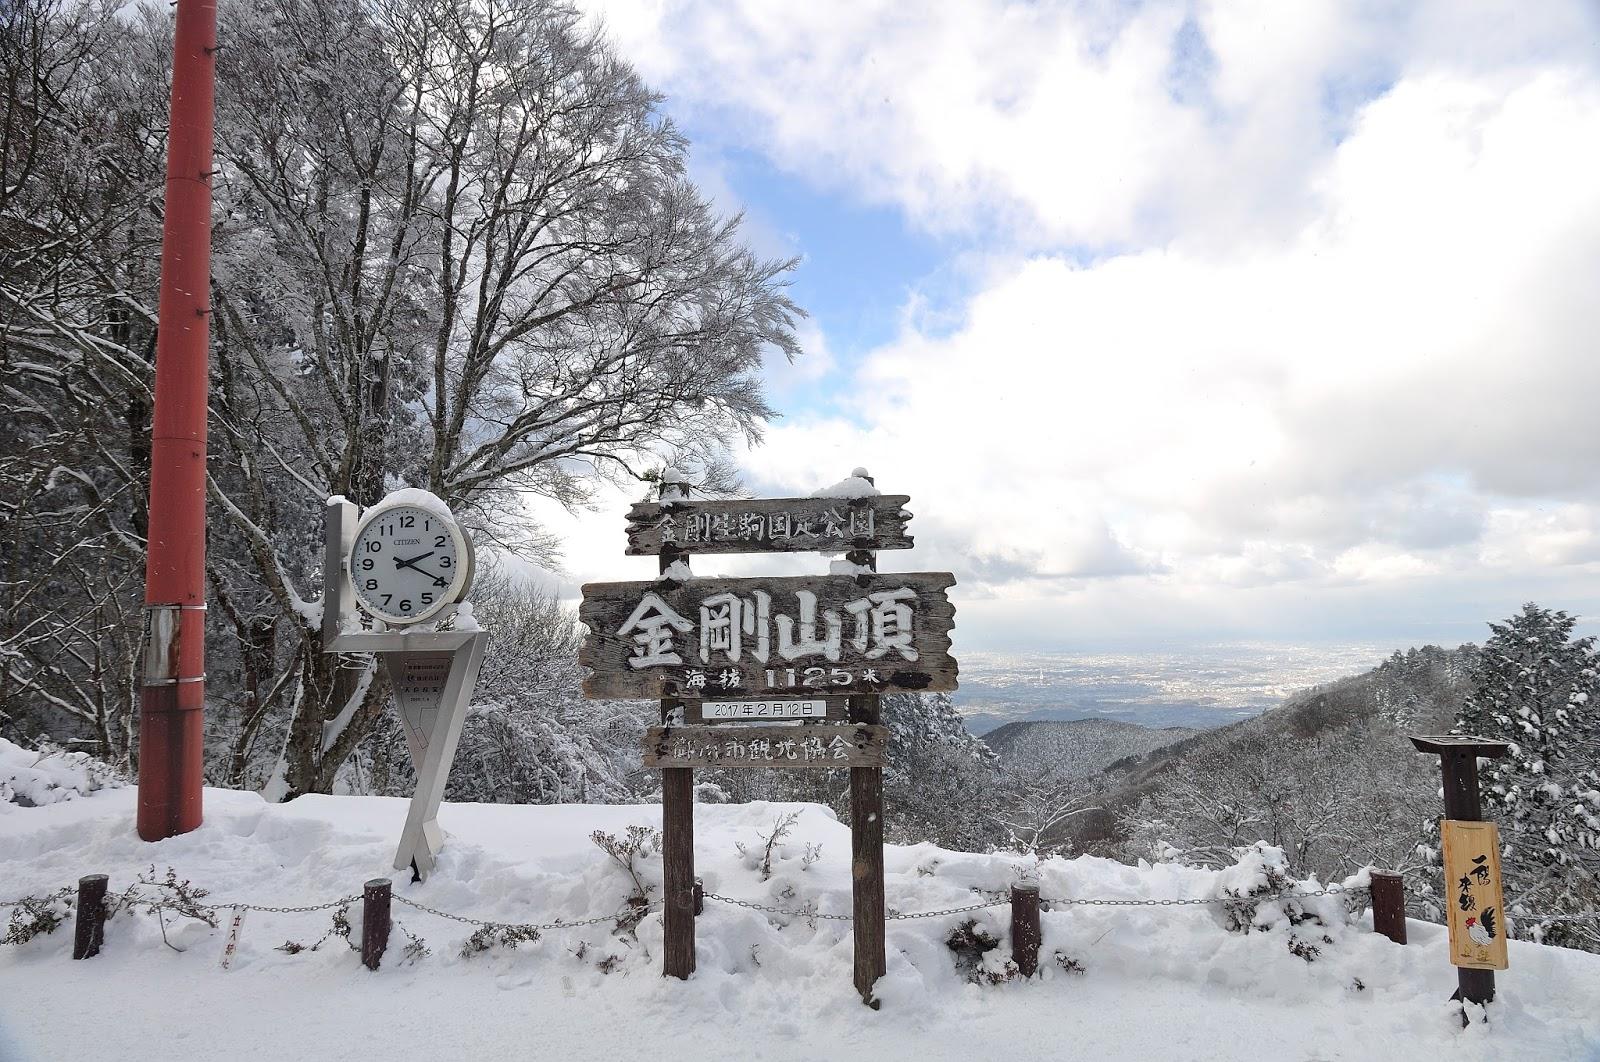 山 情報 金剛 積雪